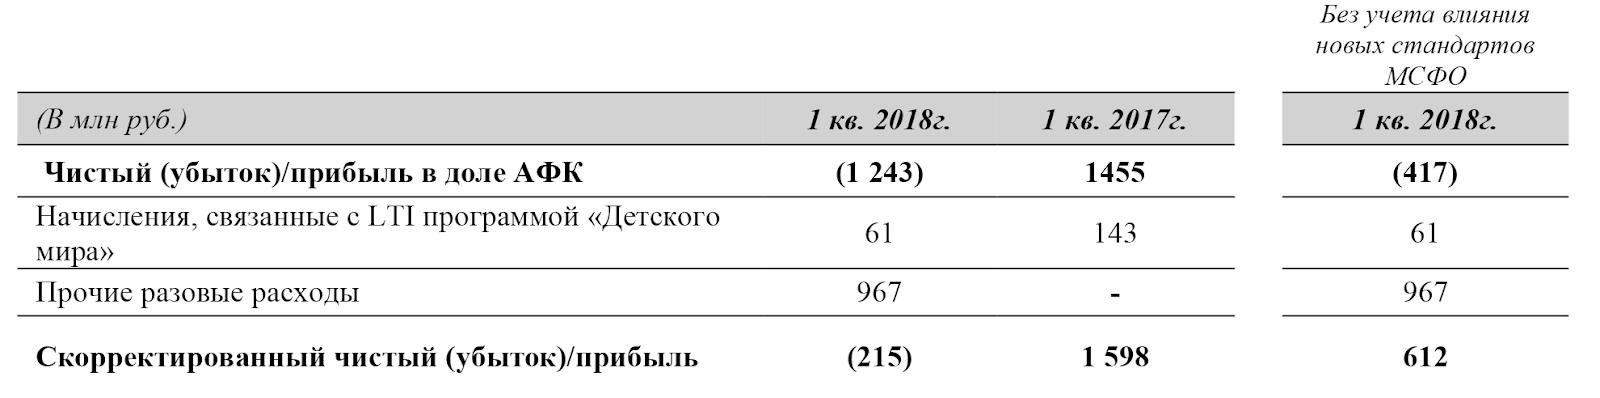 Отчет АФК «Система», стр. 21